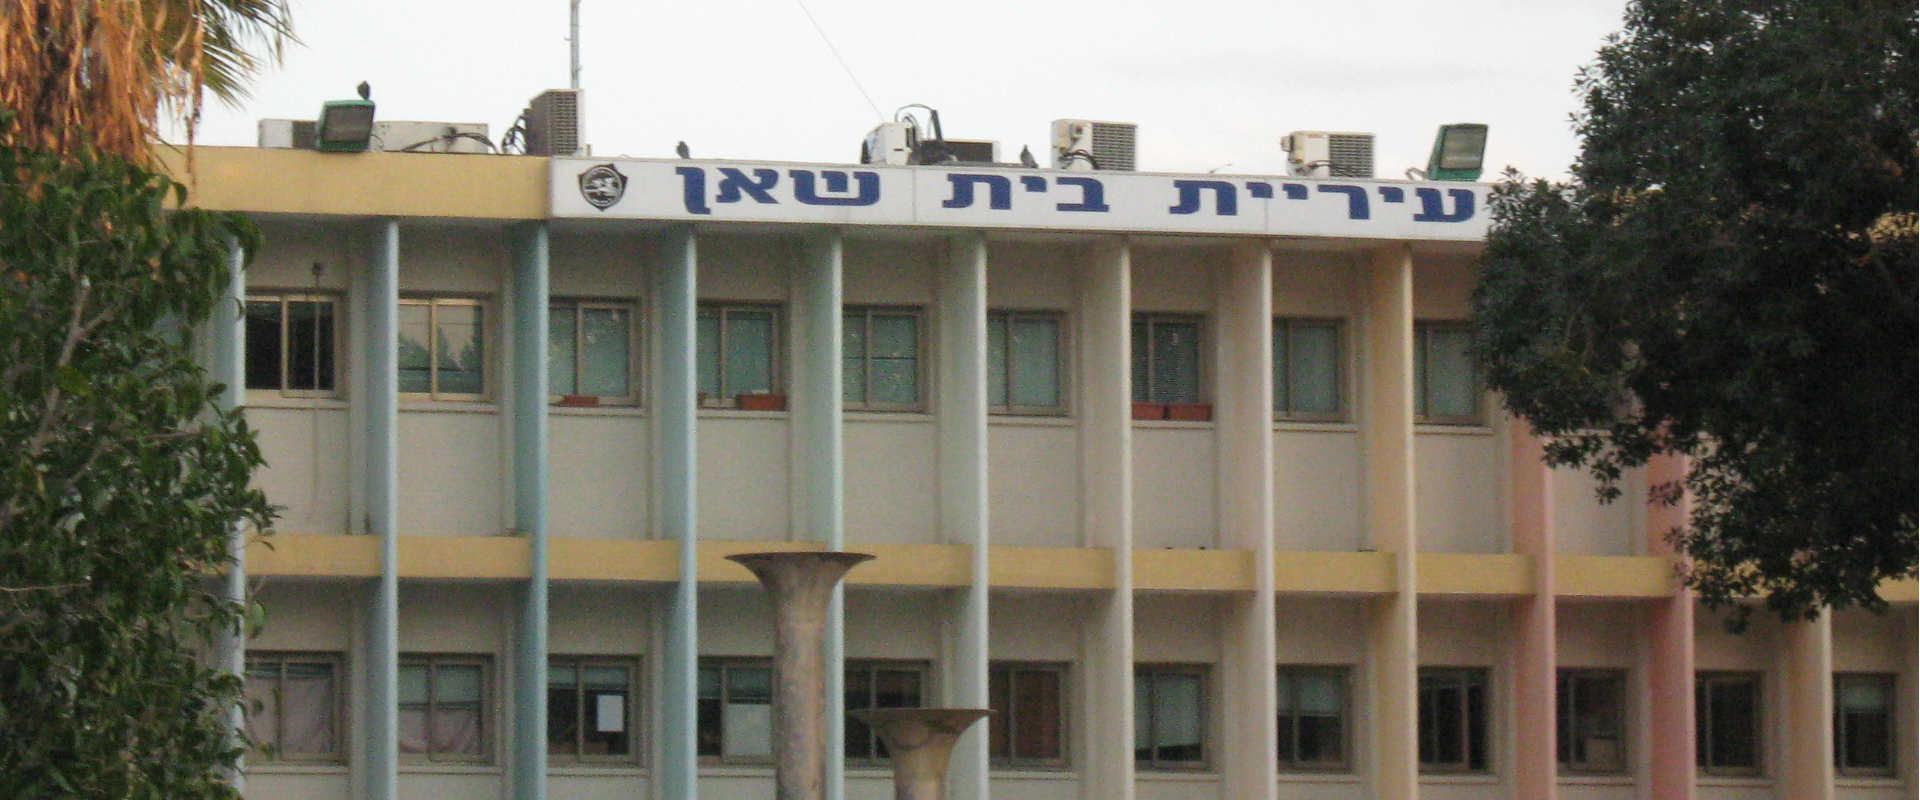 עיריית בית שאן